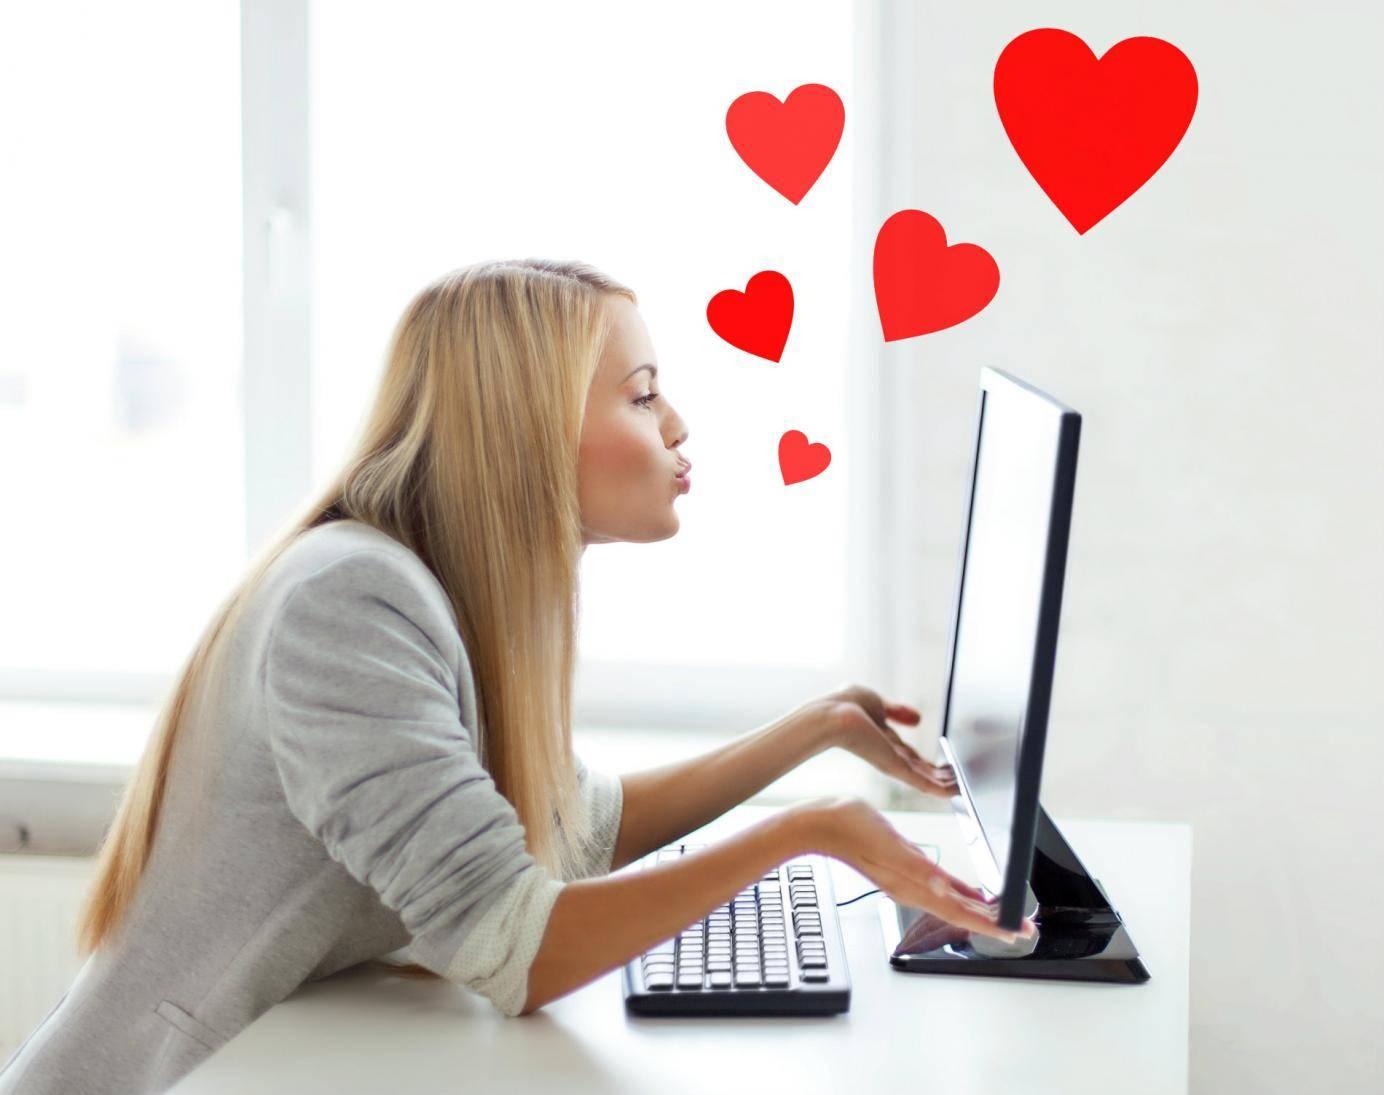 Лучшие бесплатные чаты знакомств с девушками без регистрации